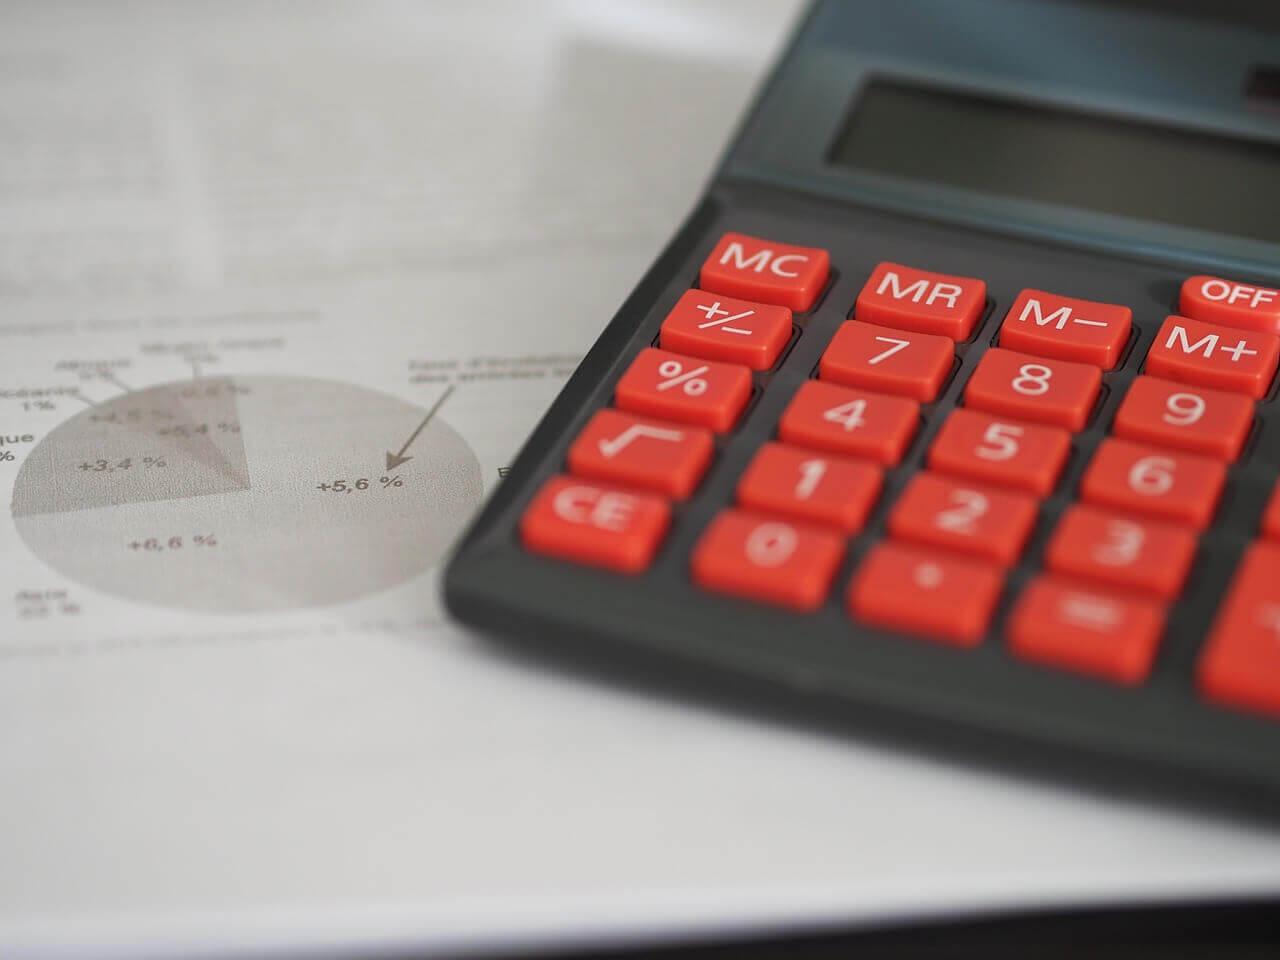 Kontokredit och Onlinekredit - vad är skillnaden?